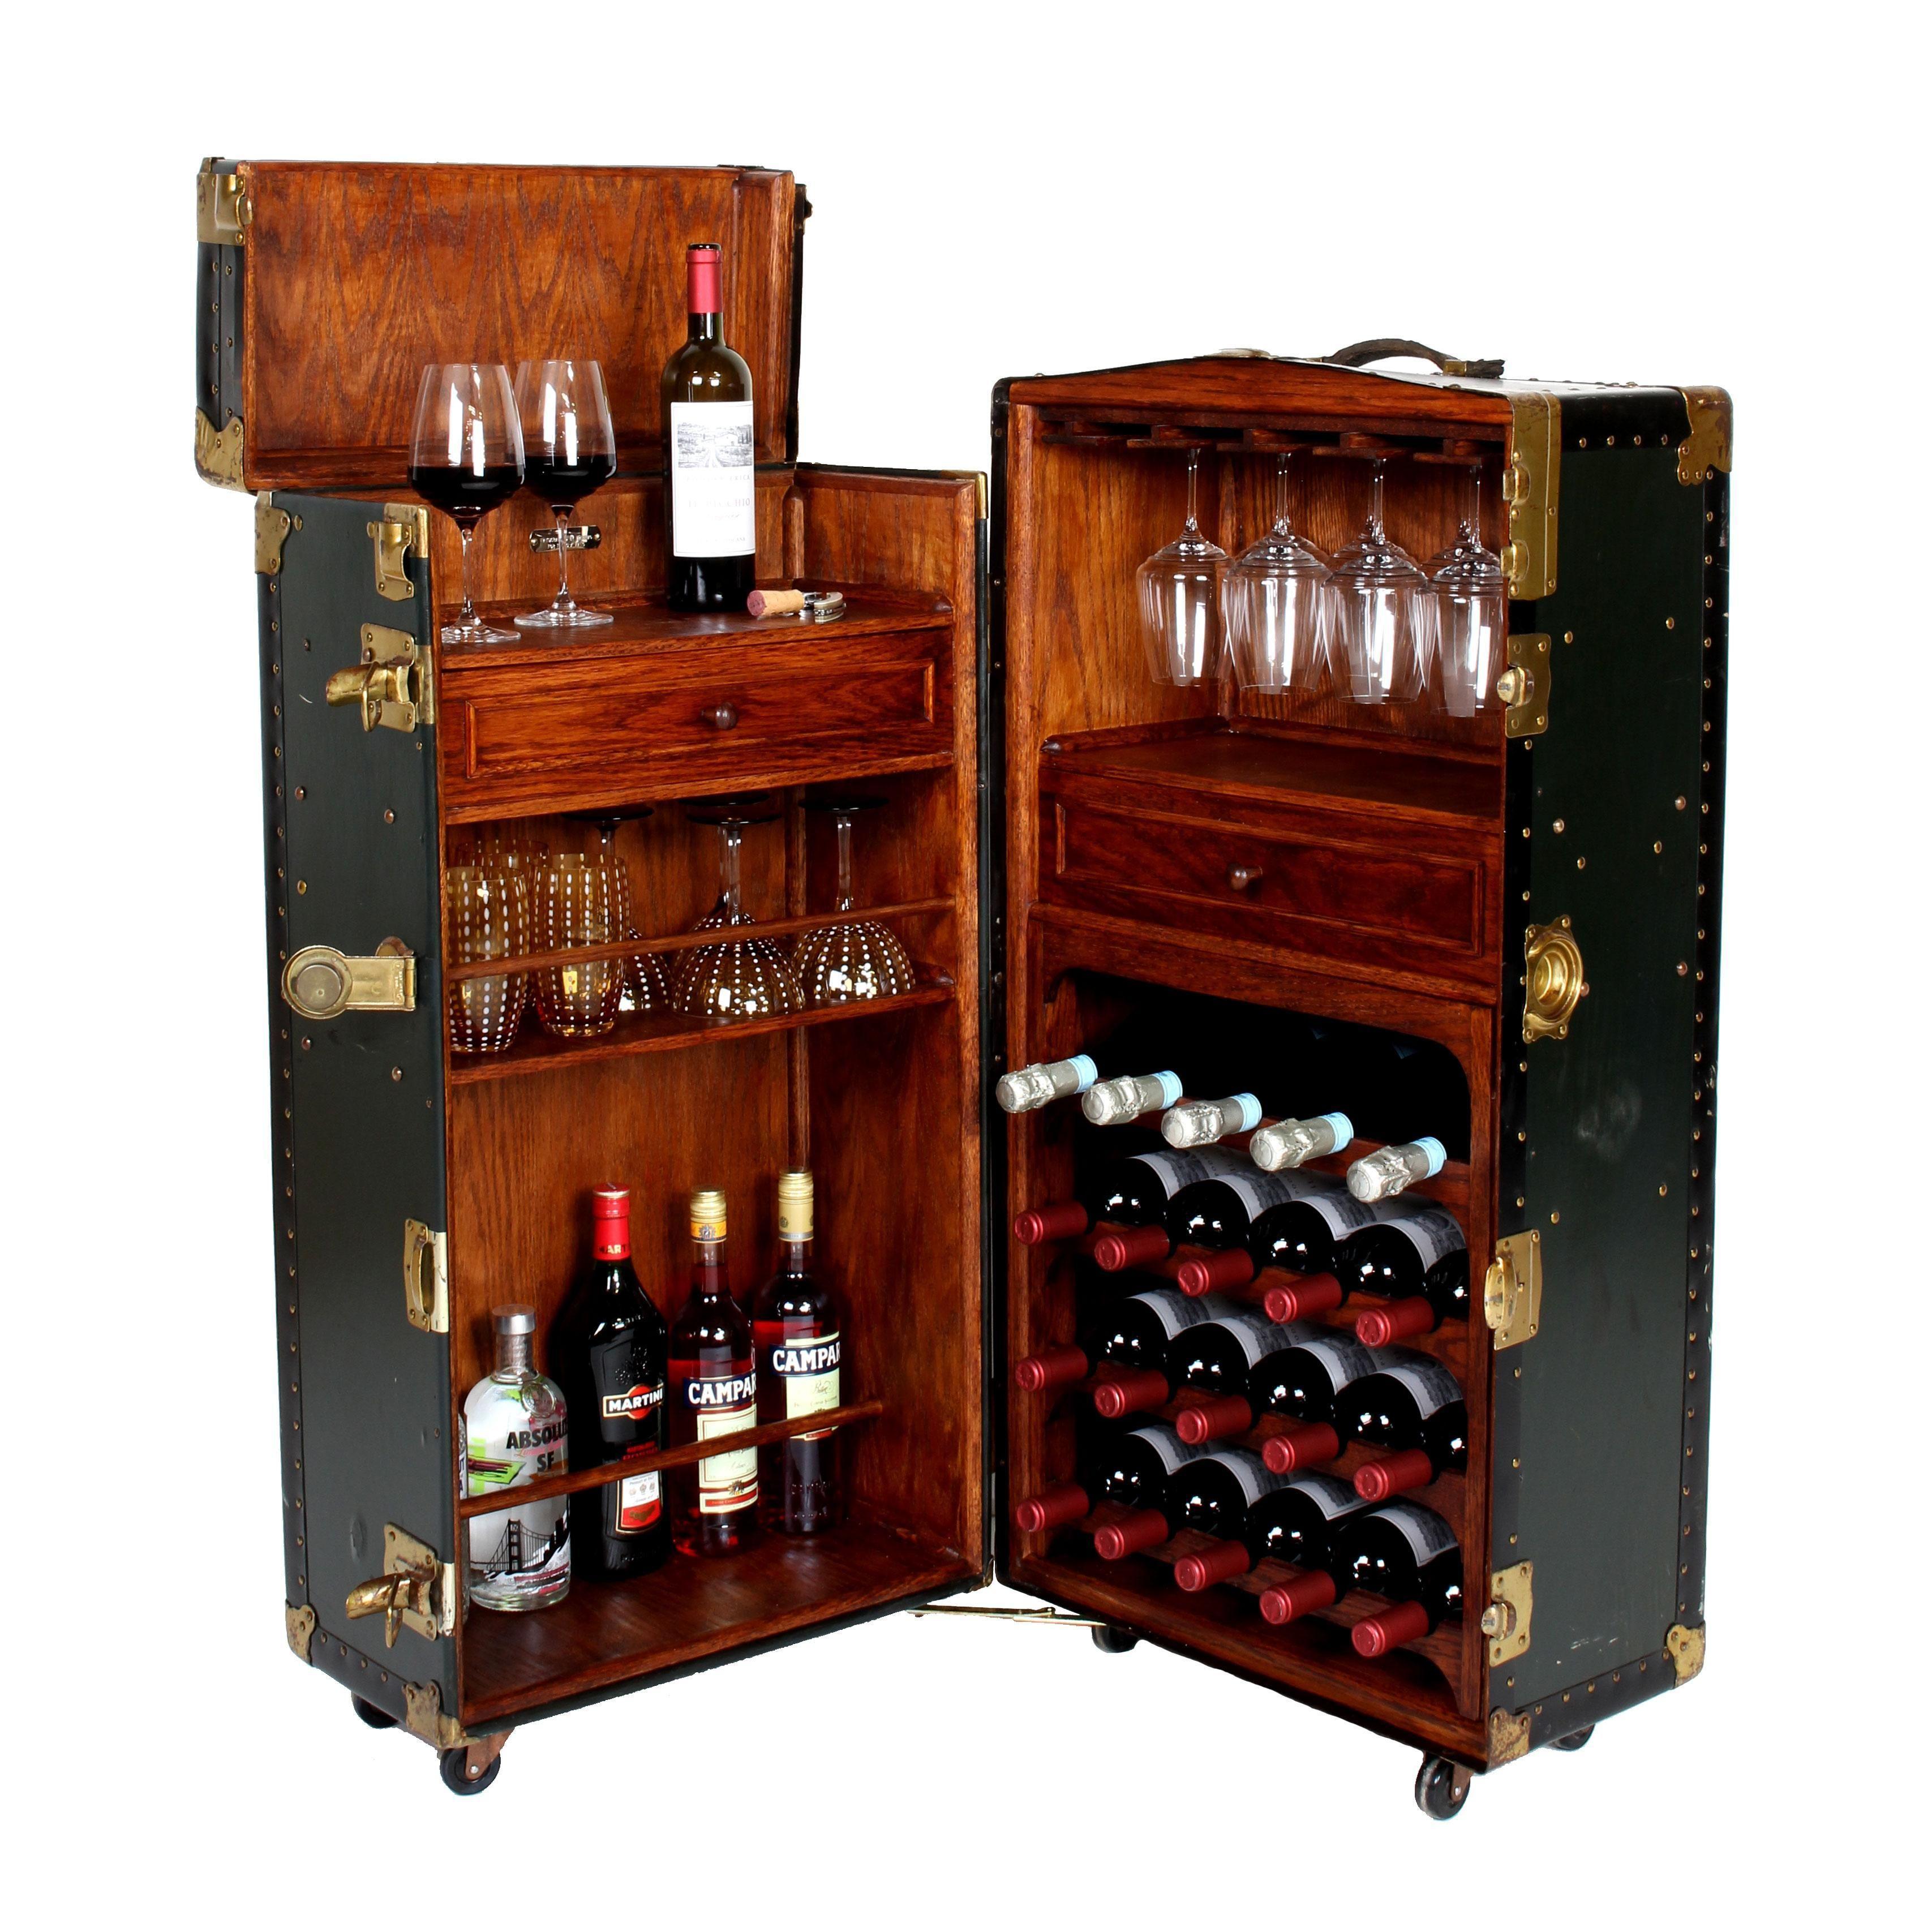 Vintage Steamer Trunk Bar Cabinet In 2019 Bars Carts